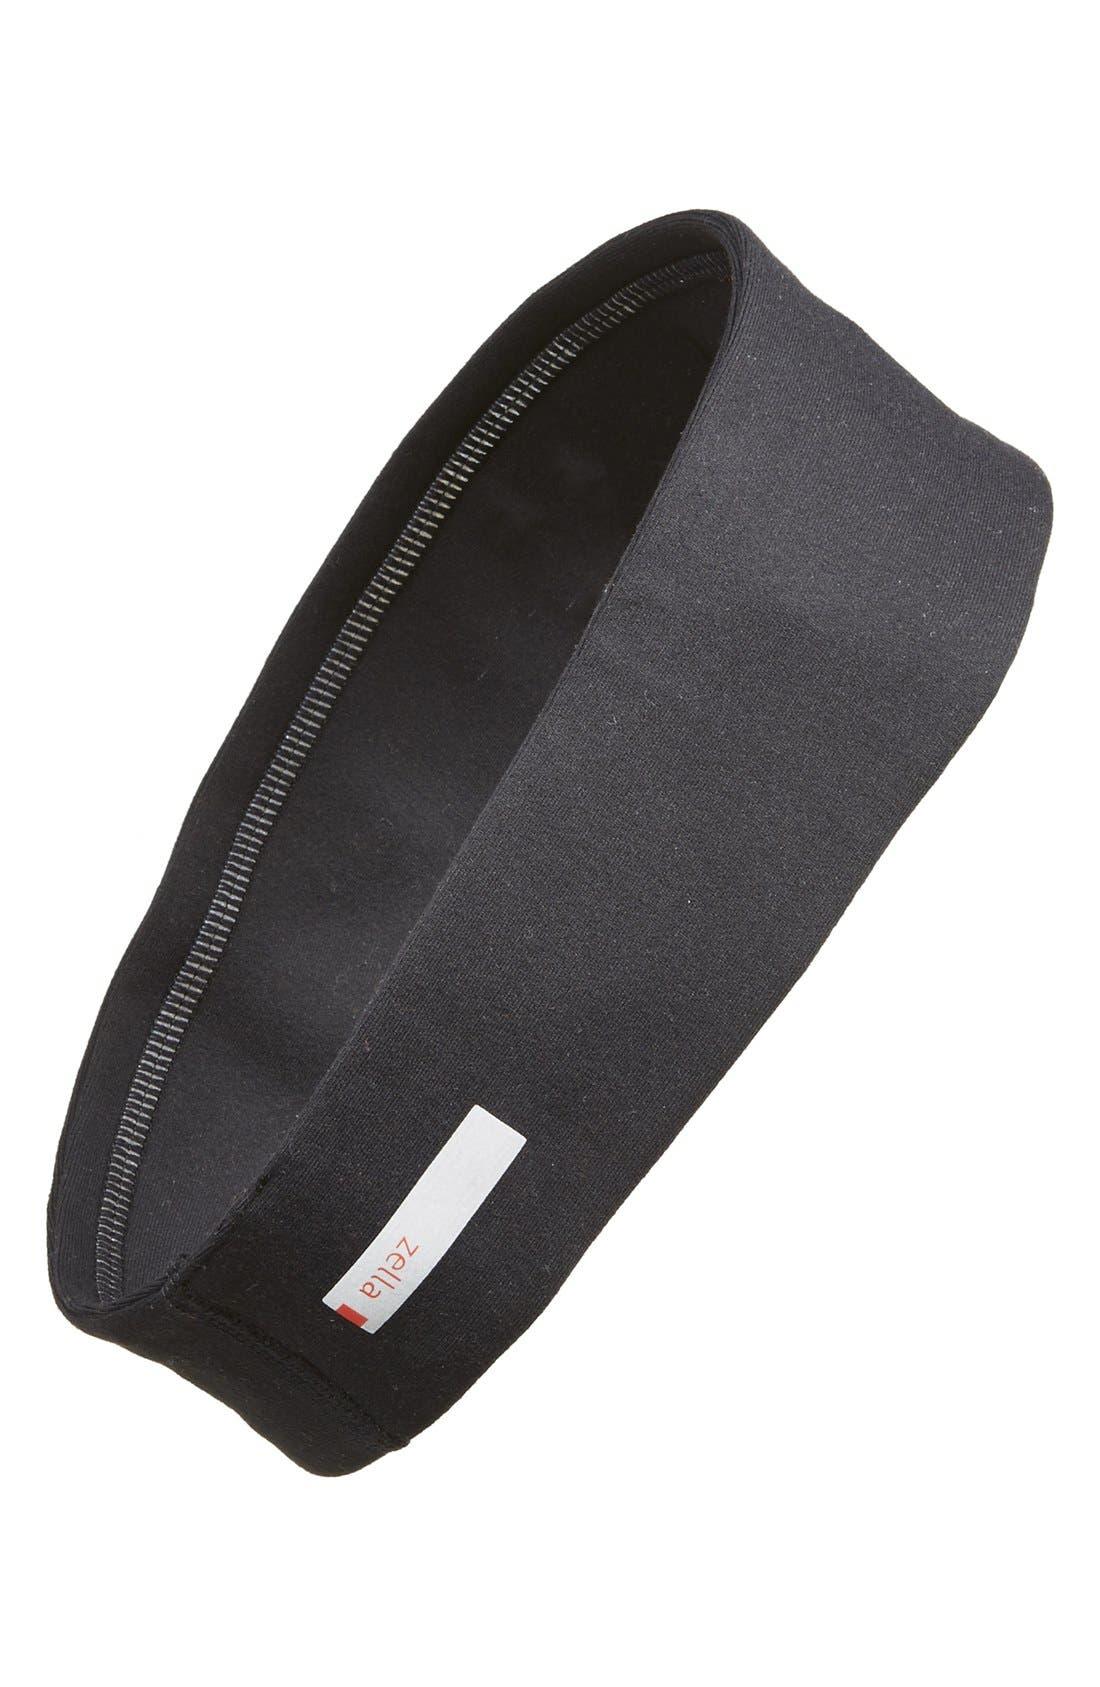 'Zeltek' Reflective Headband,                         Main,                         color, BLACK